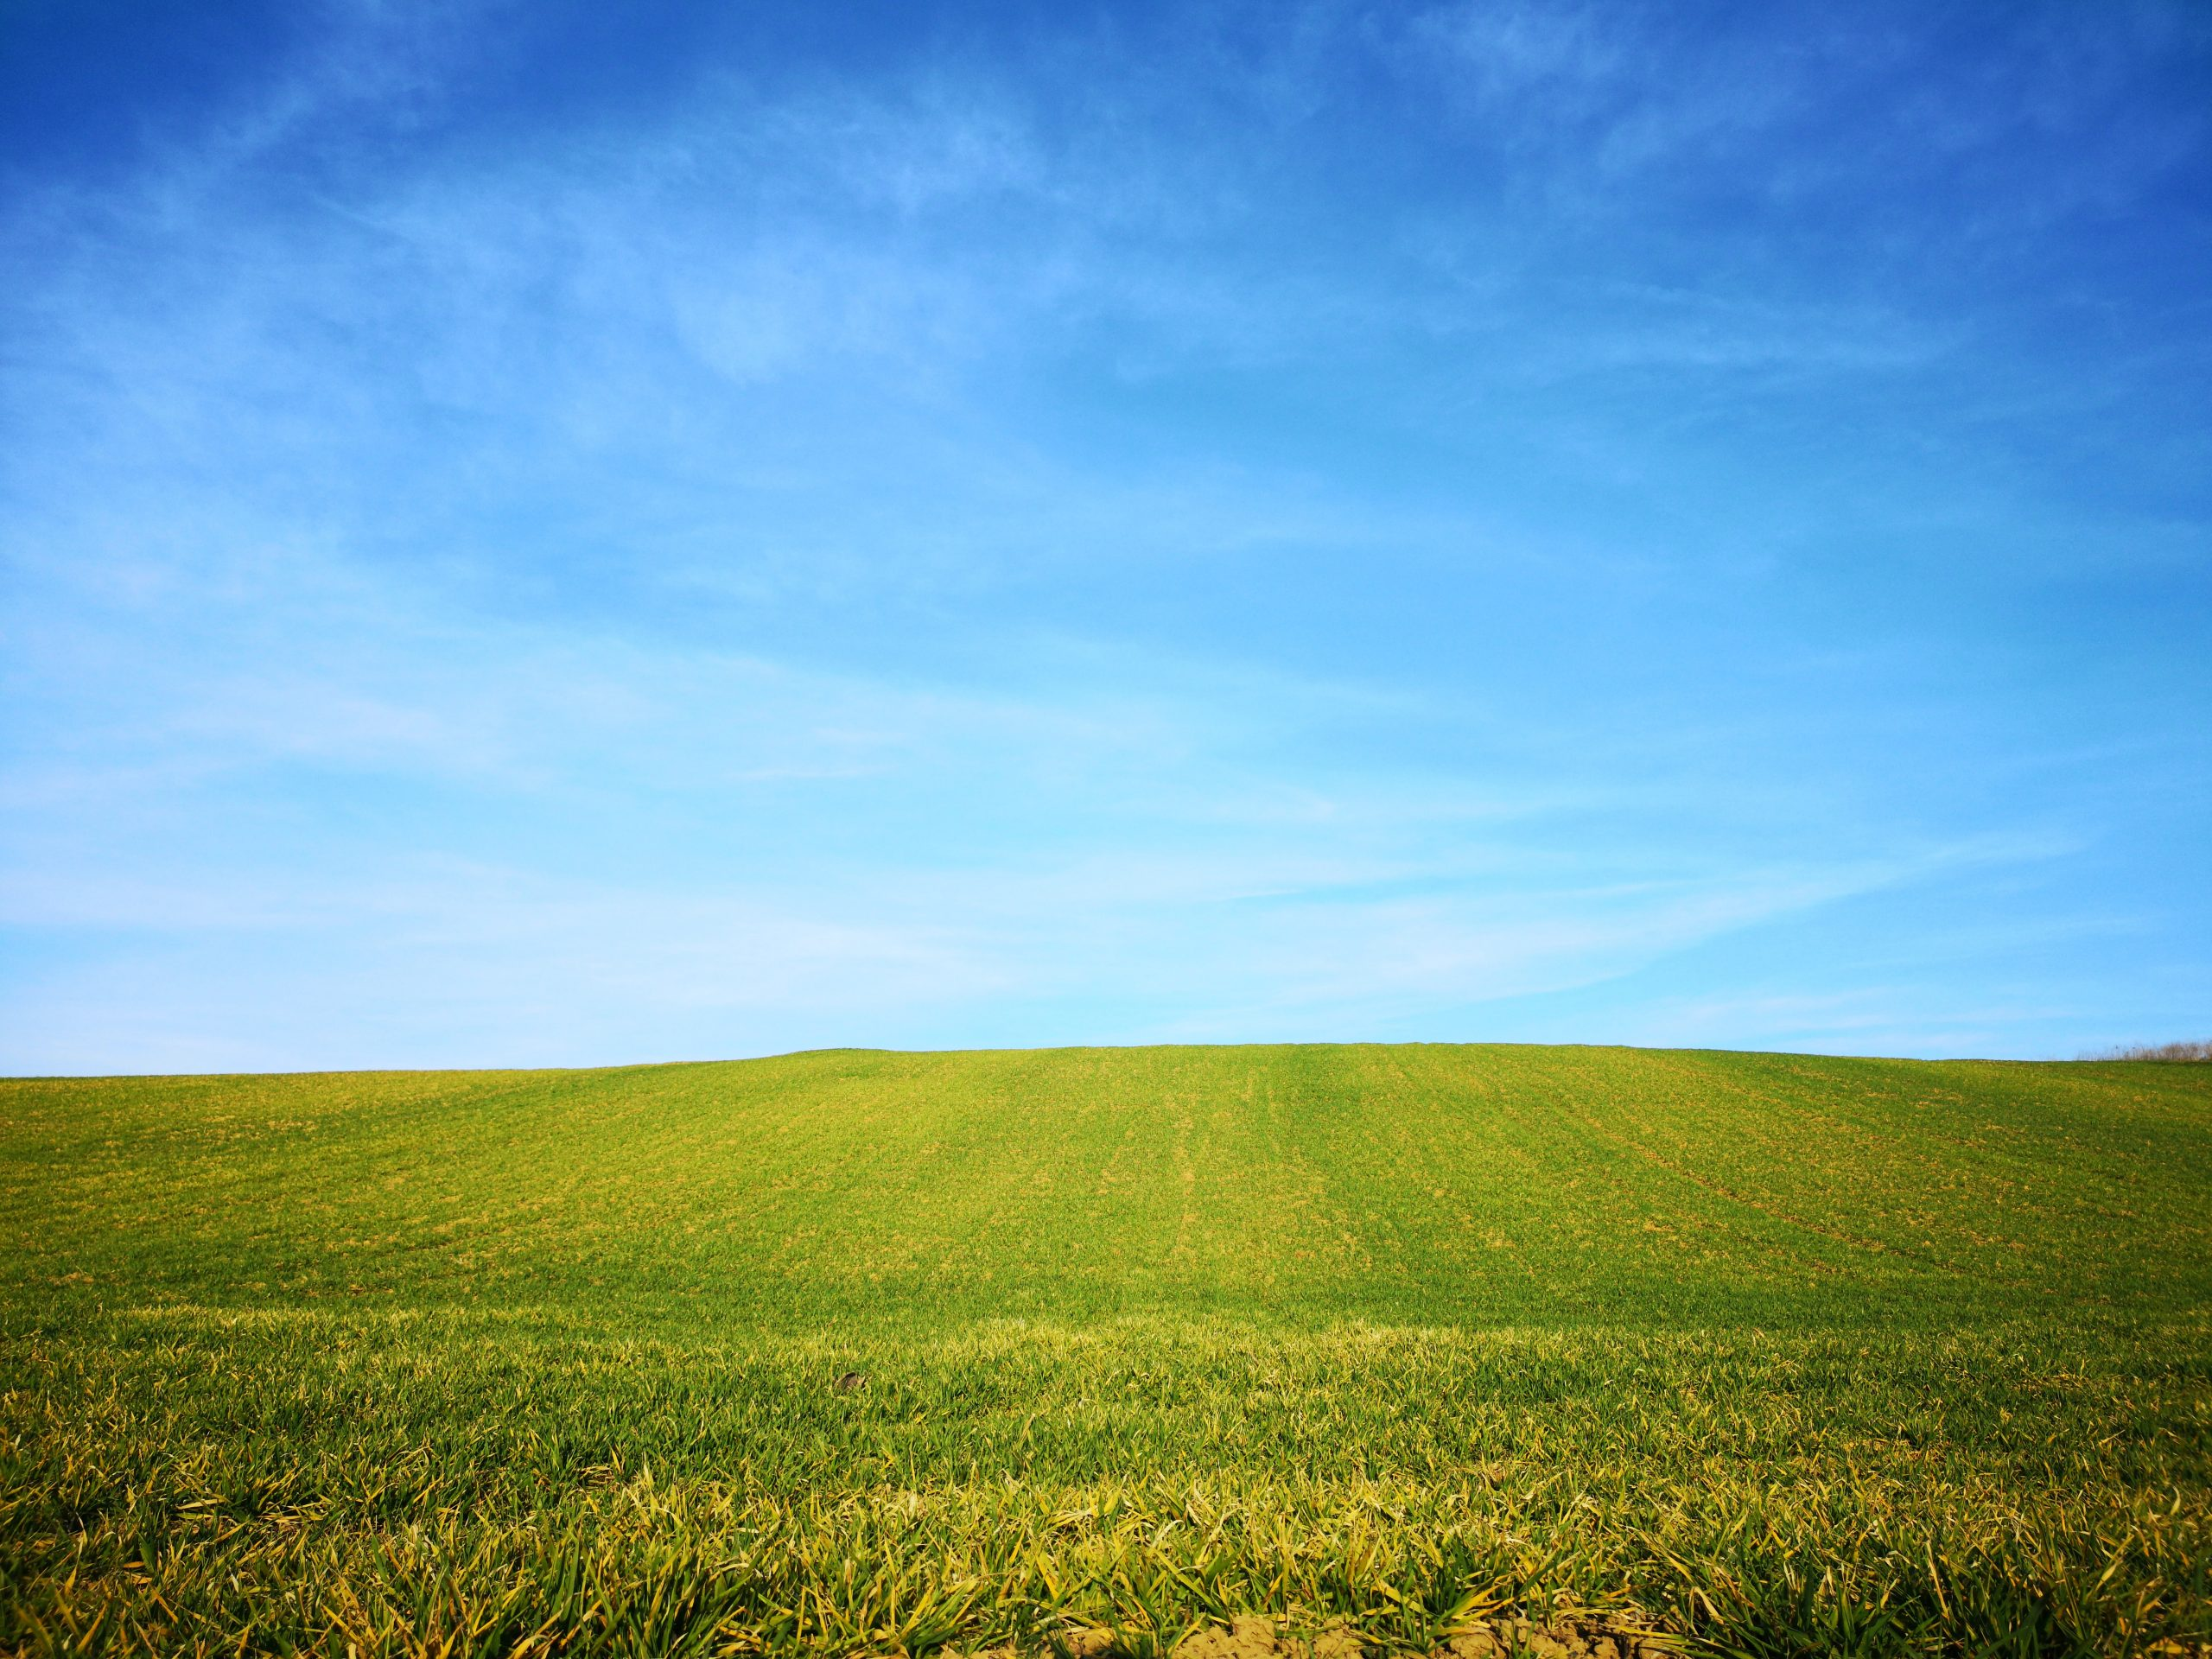 windows-xp-bliss-default-wallpaper